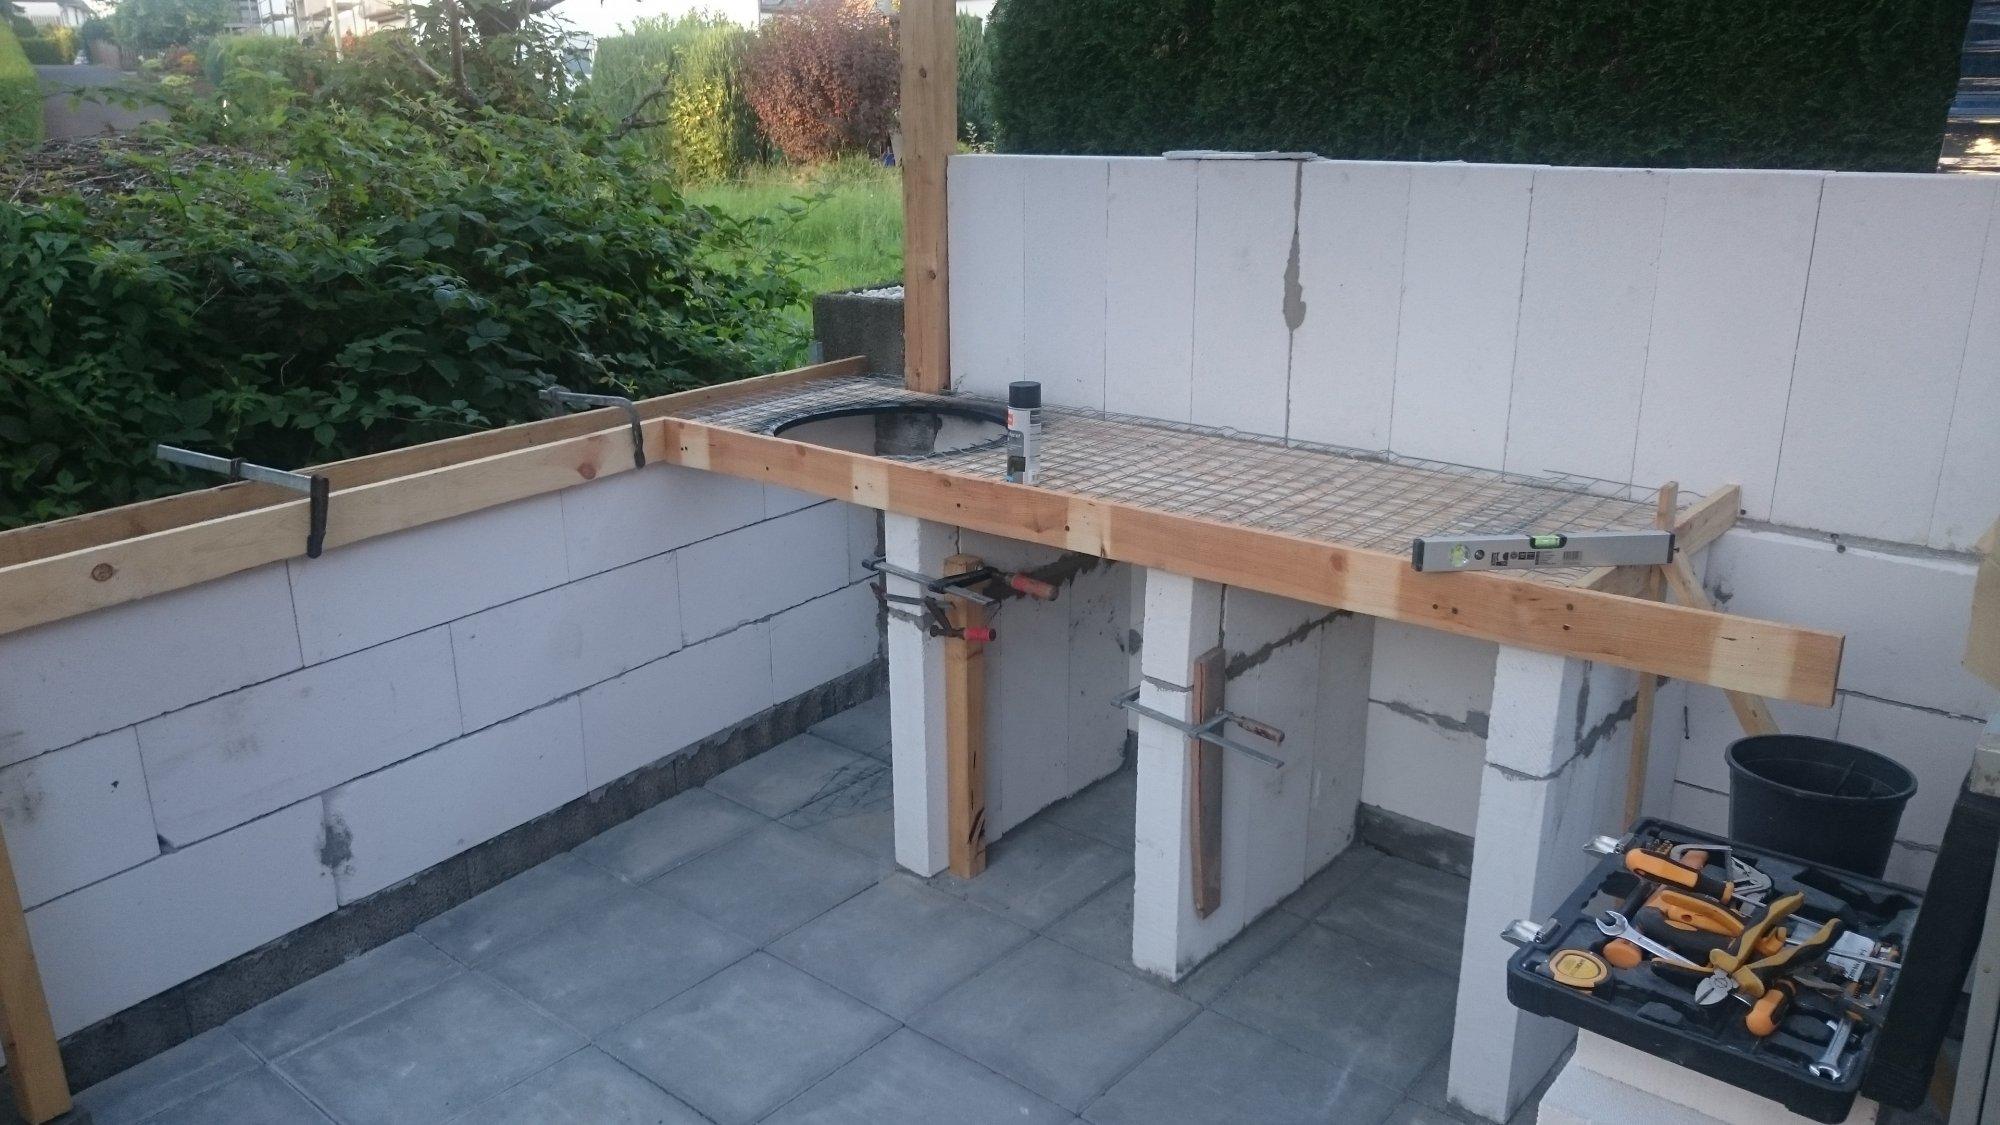 Outdoor Küche Arbeitsplatte Gießen : Beton arbeitsplatte küche gießen arbeitsplatte küche selber machen